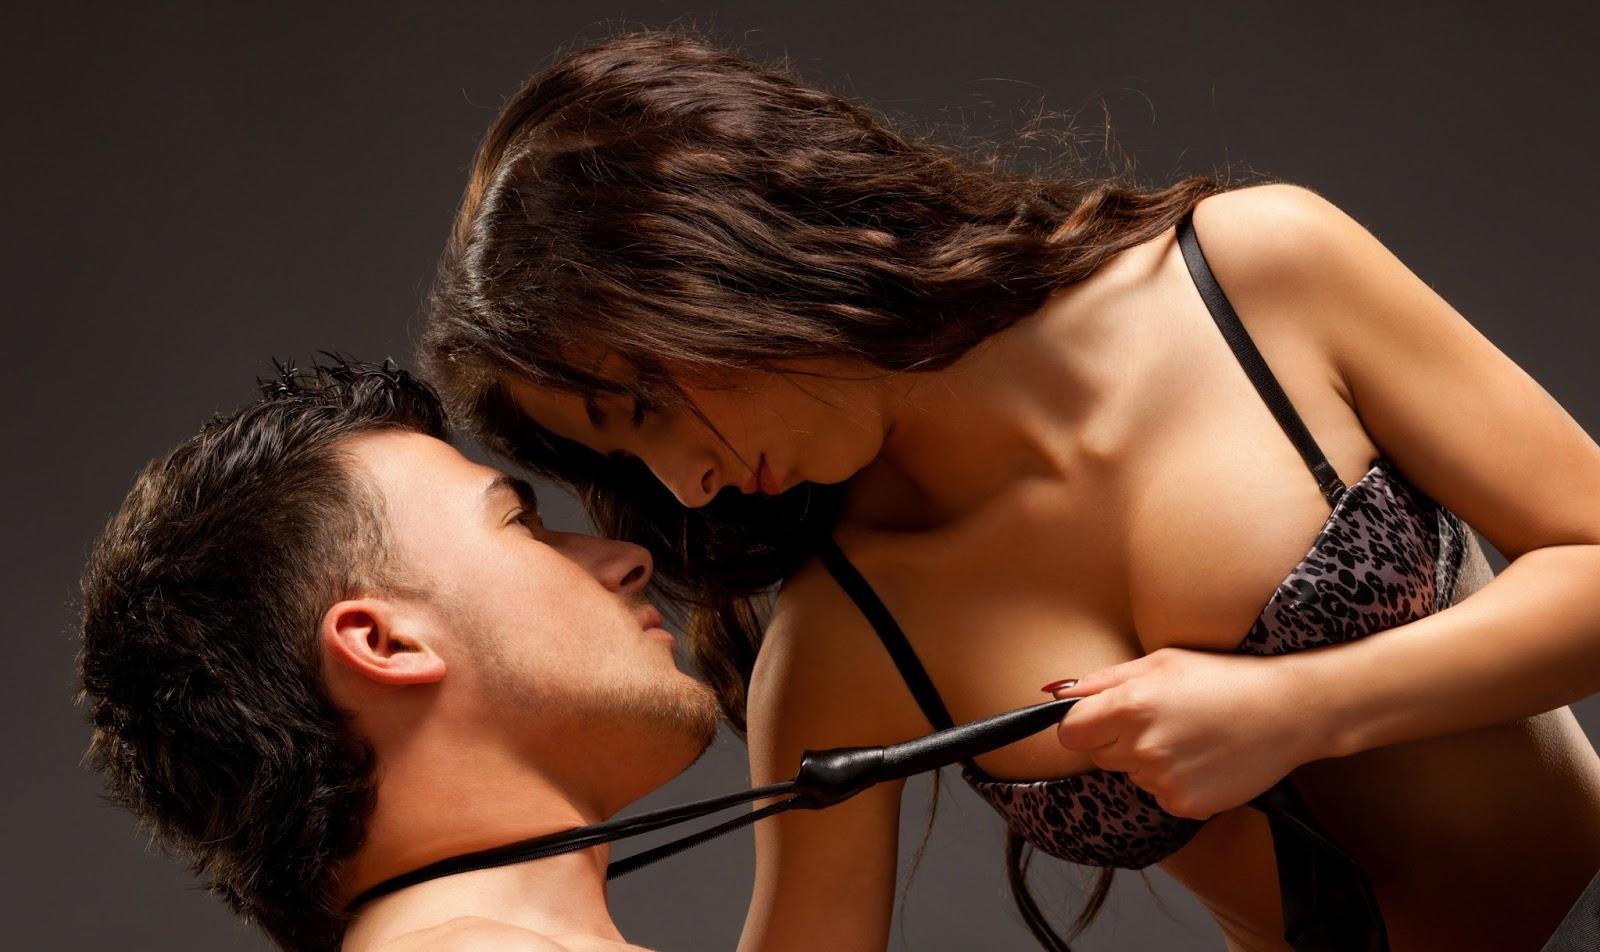 Секс почему тянет к мужчине 26 фотография